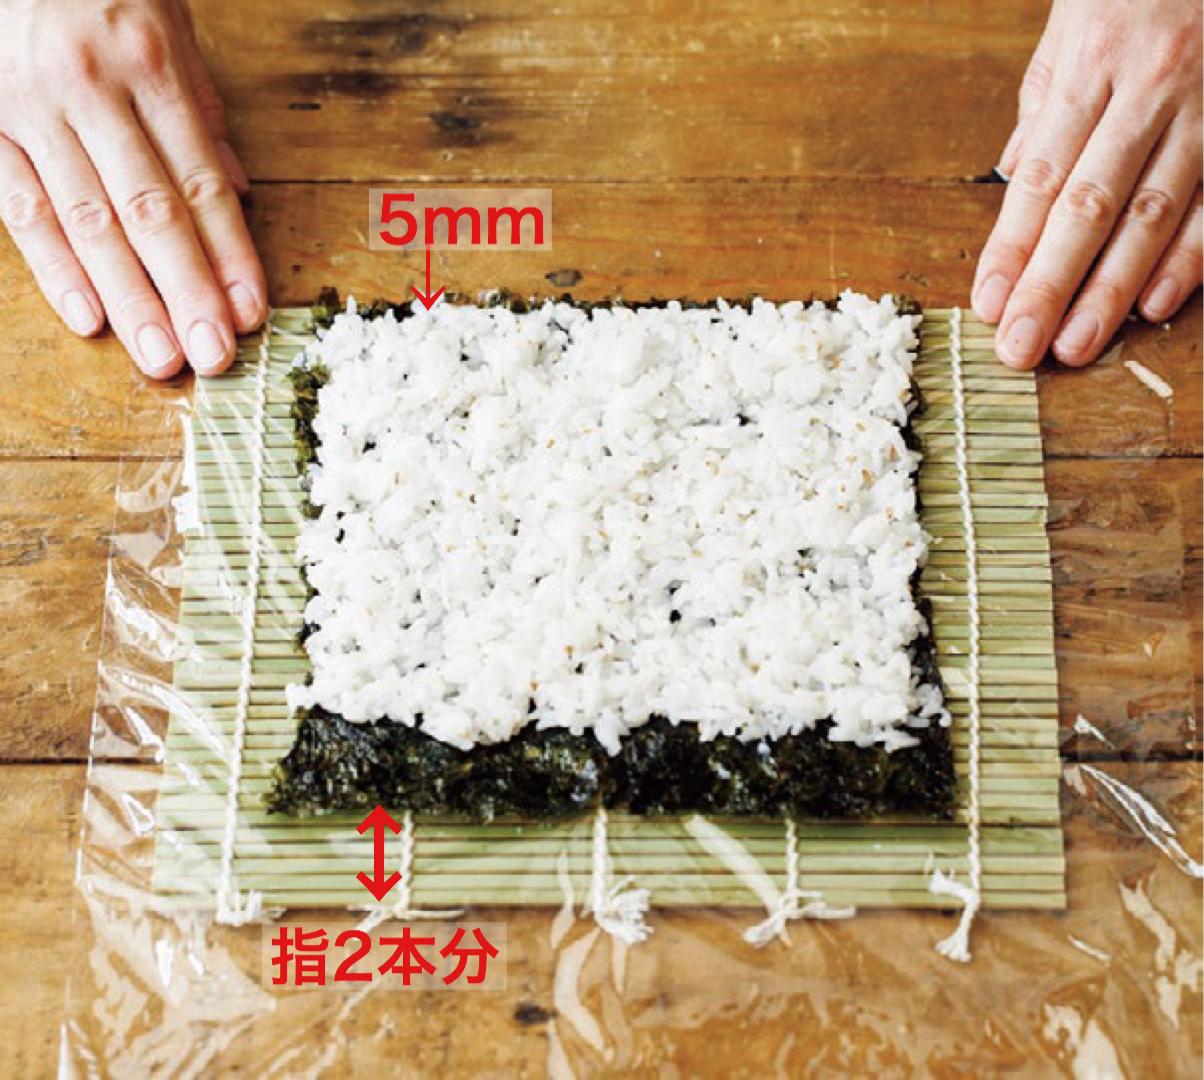 海苔 巻き 作り方